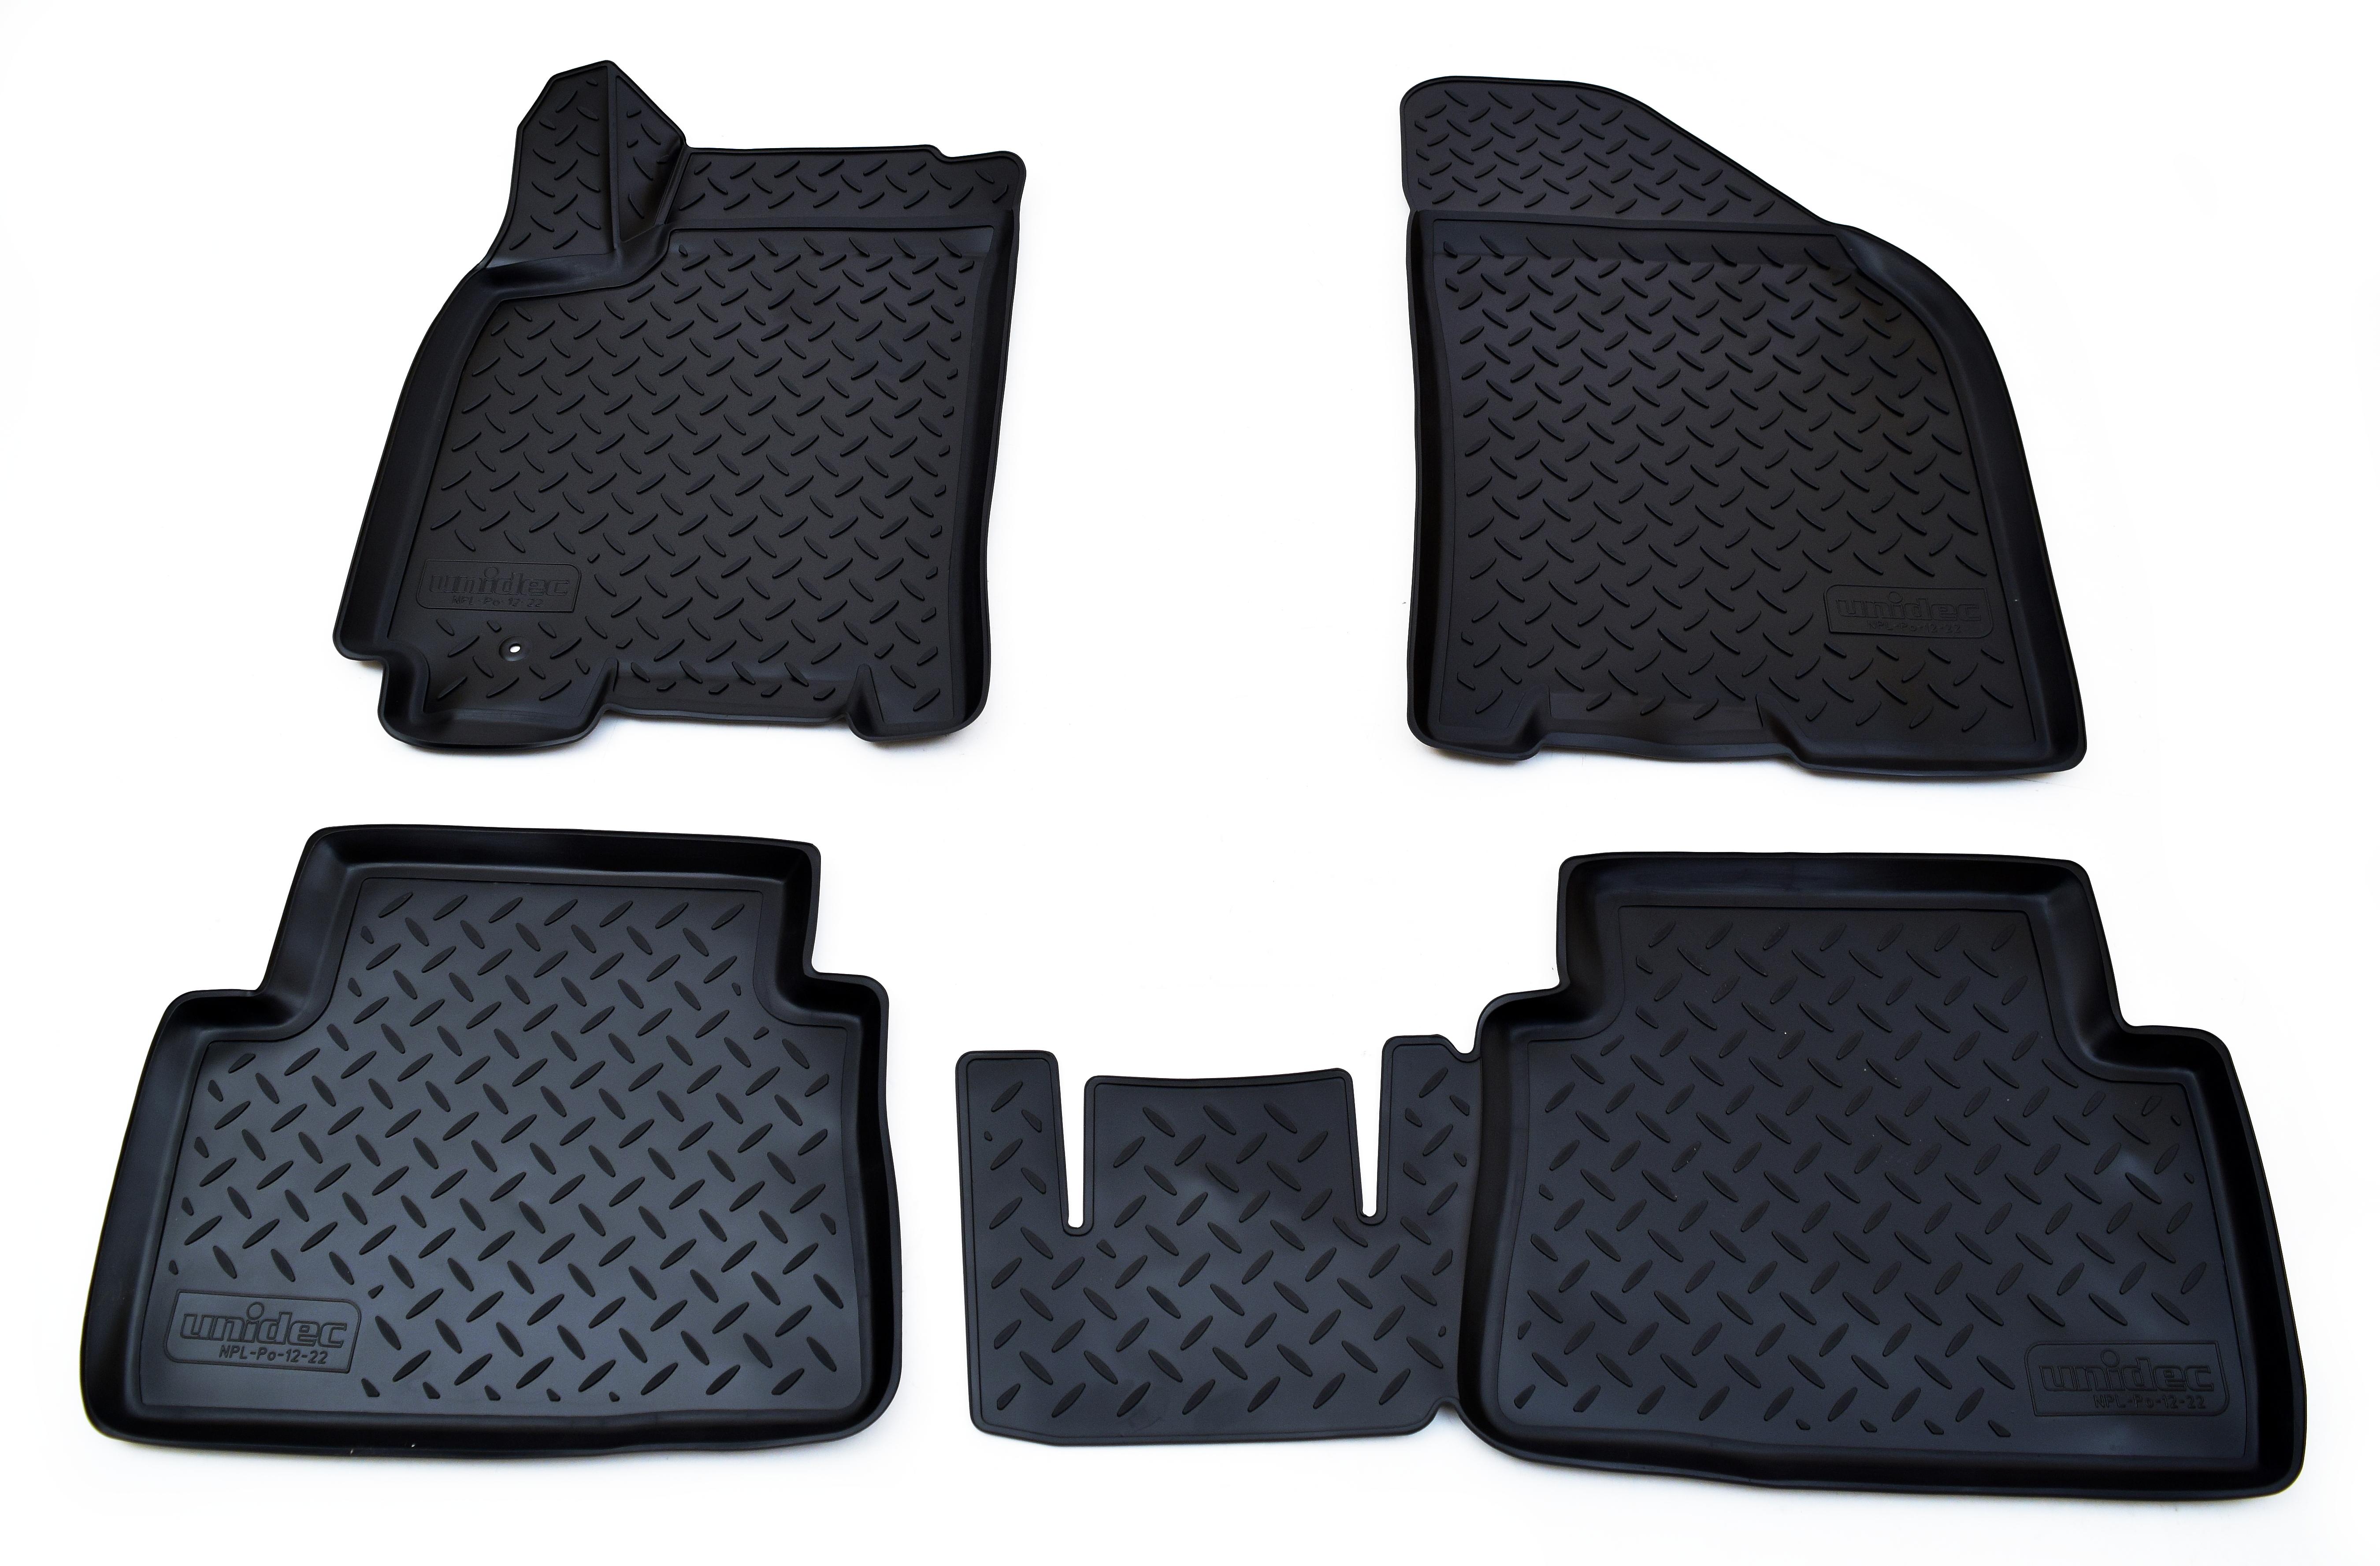 Коврики в салон Norplast для Chevrolet Lacetti 3D 2004-2013, NPL-Po-12-22, черный чехлы модельные azard standard полиэстер chevrolet lacetti 2004 2013 черный комплект a4010121